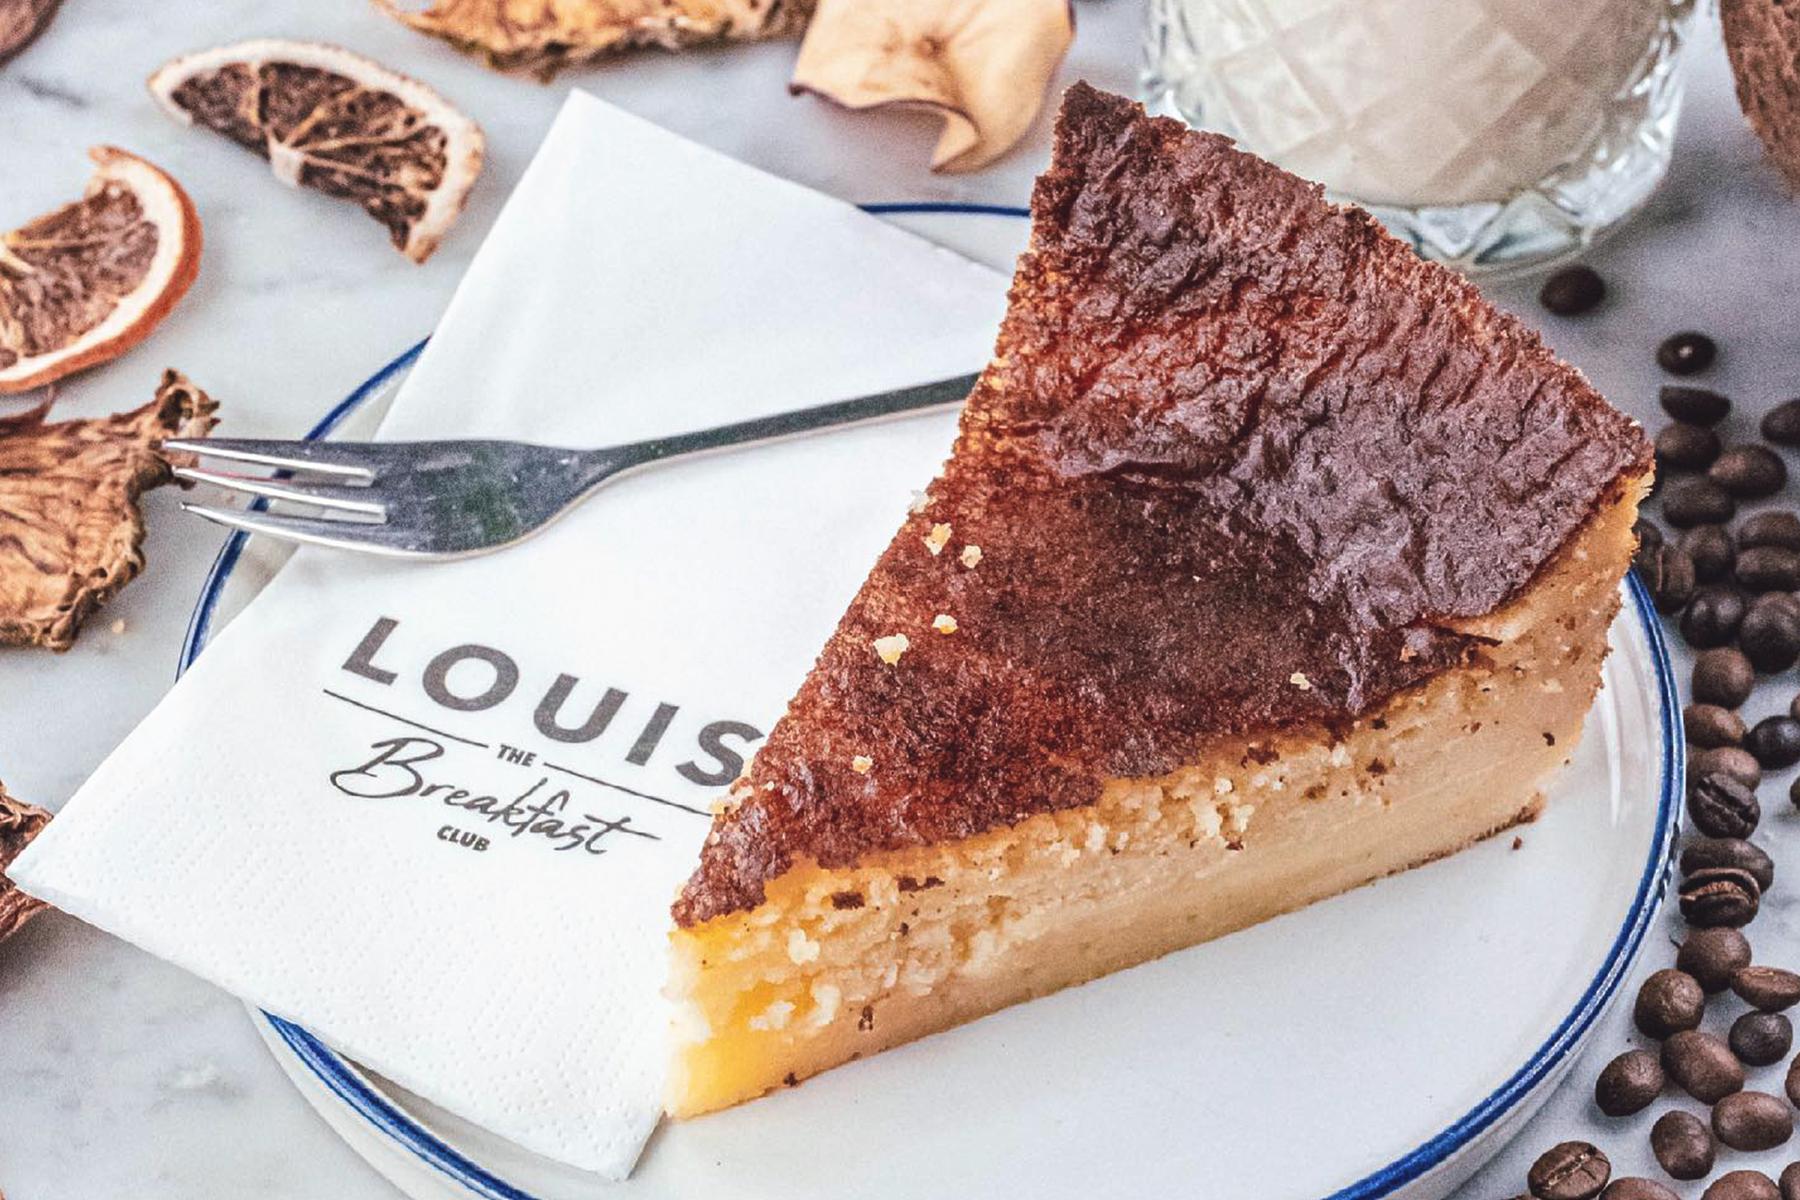 Kuchen Louis Koeln 1 Artikel – ©LOUIS The Breakfast Club